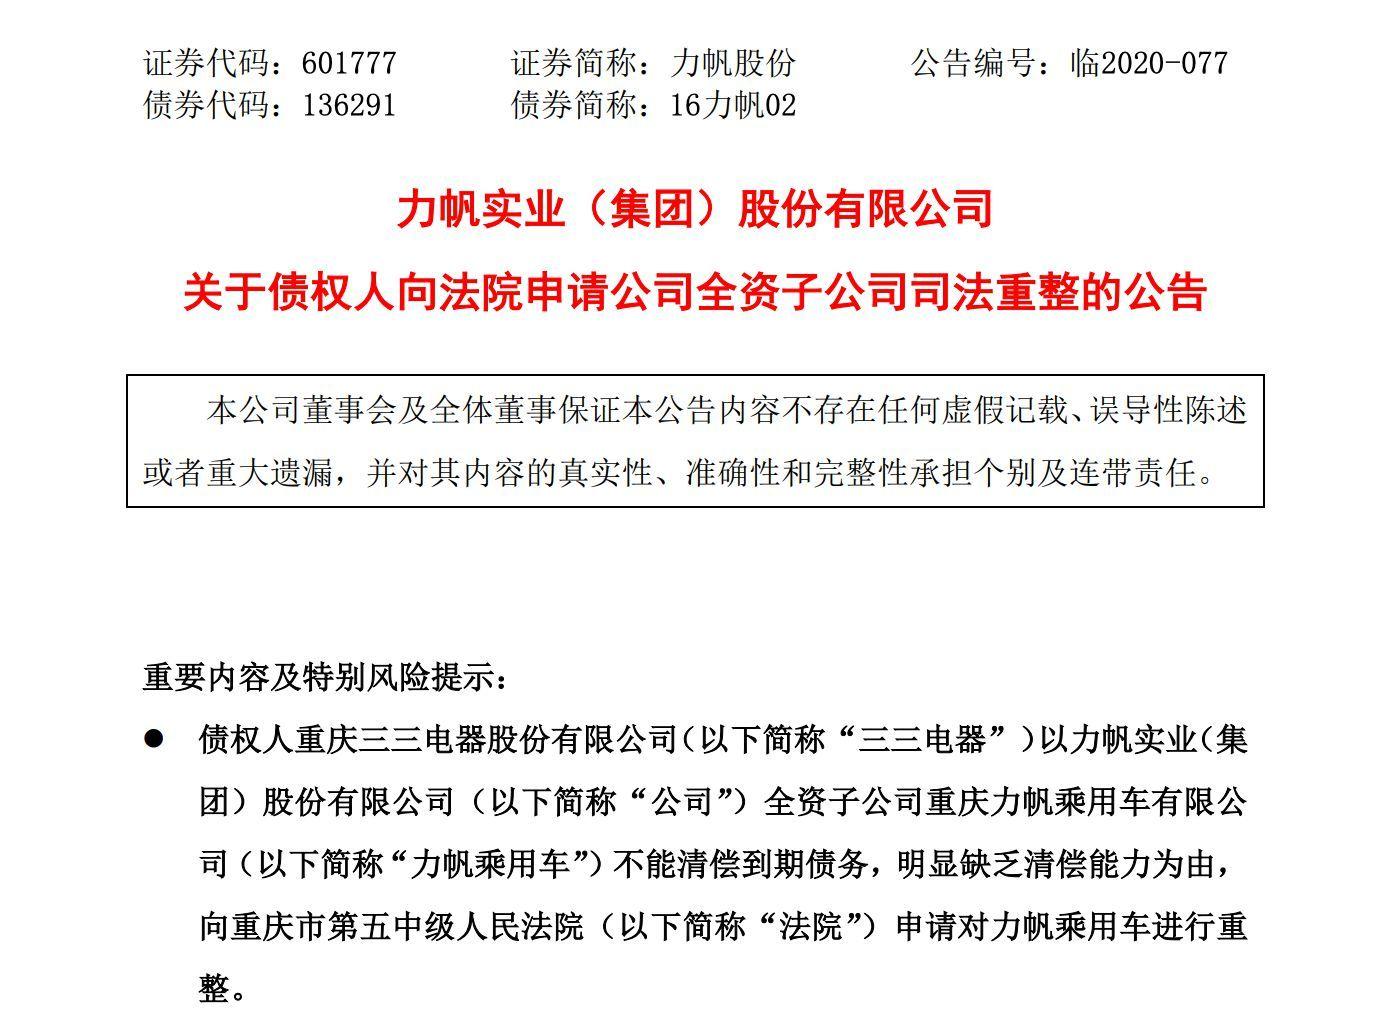 10家全资子公司无力还款被申请破产重整 力帆股份危机四伏